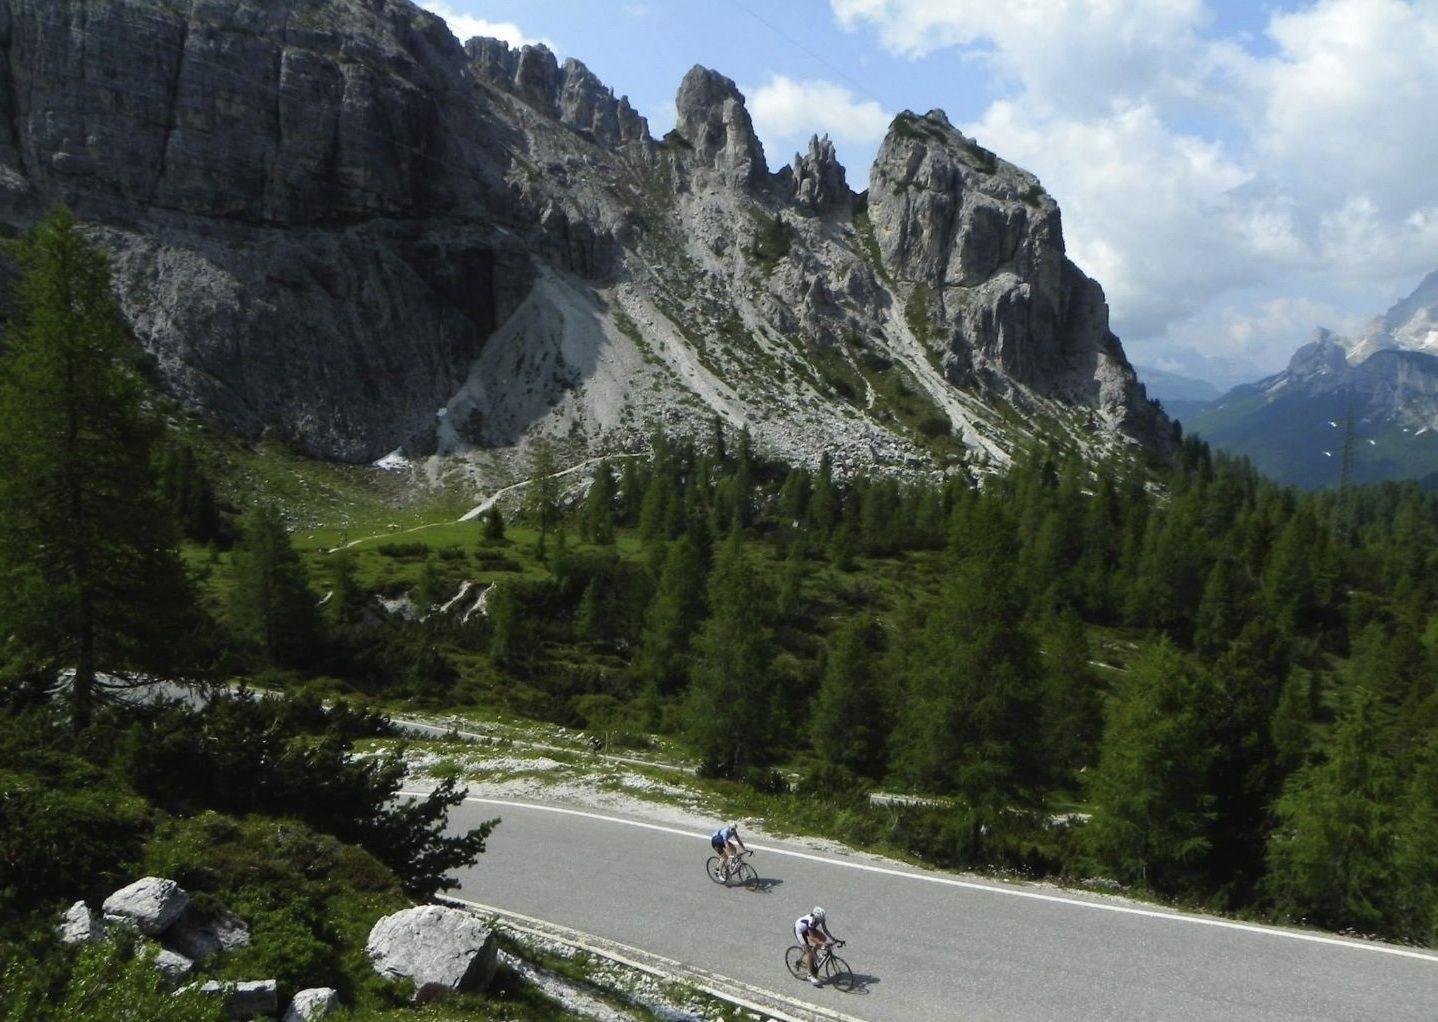 italiandolomites6.jpg - Italy - Italian Dolomites - Guided Road Cycling Holiday - Road Cycling